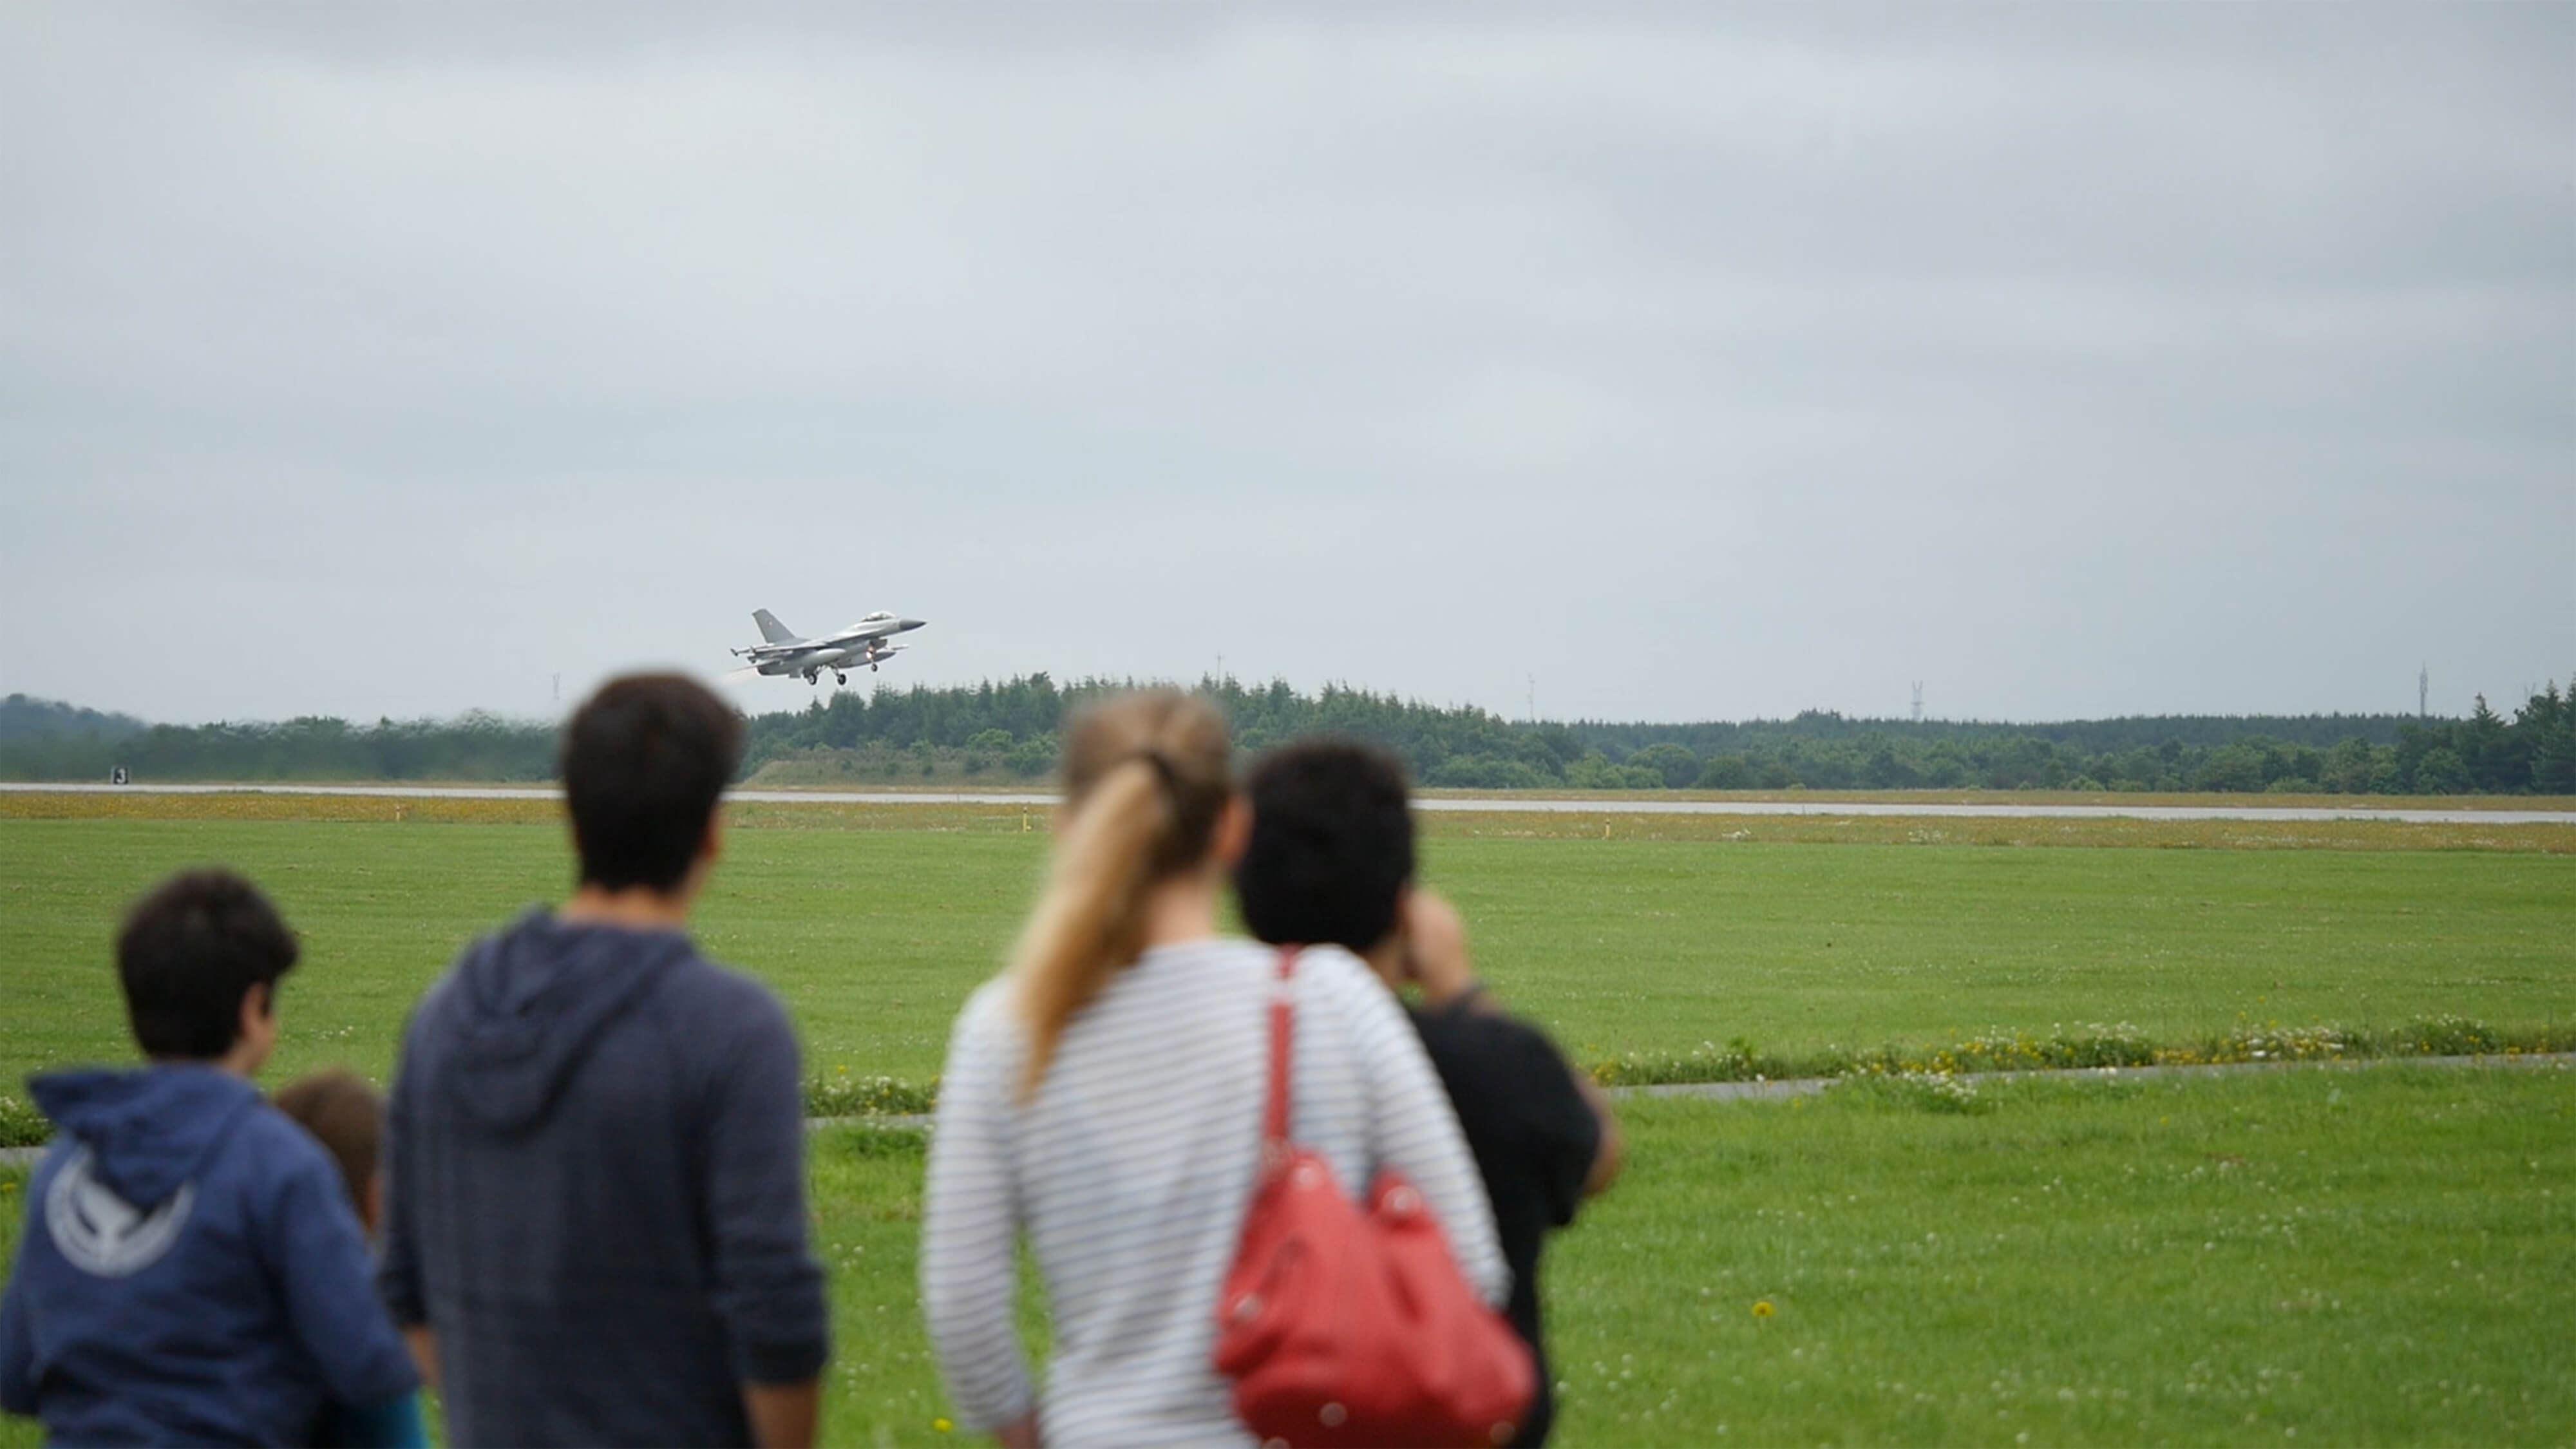 Bei Fighter Wing Skrydstrup können Sie die F16-Flieger aus nächster Nähe erleben